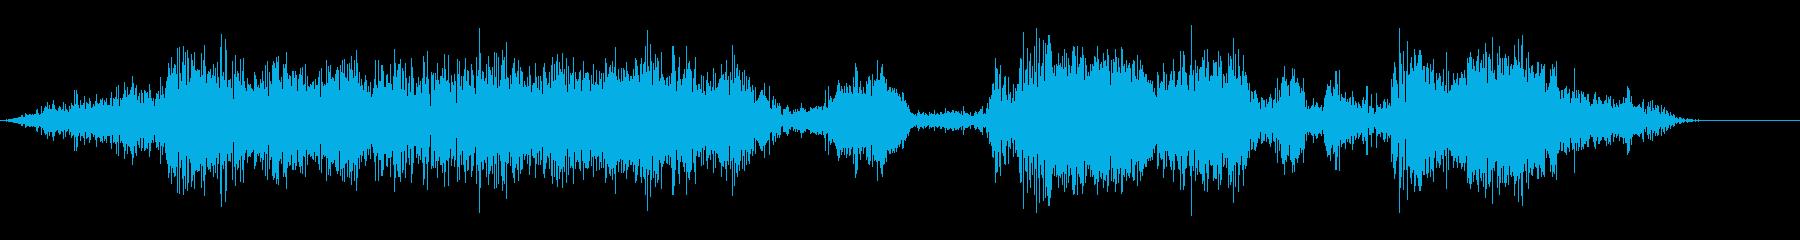 突風;中程度のハウリング風、口Eの...の再生済みの波形